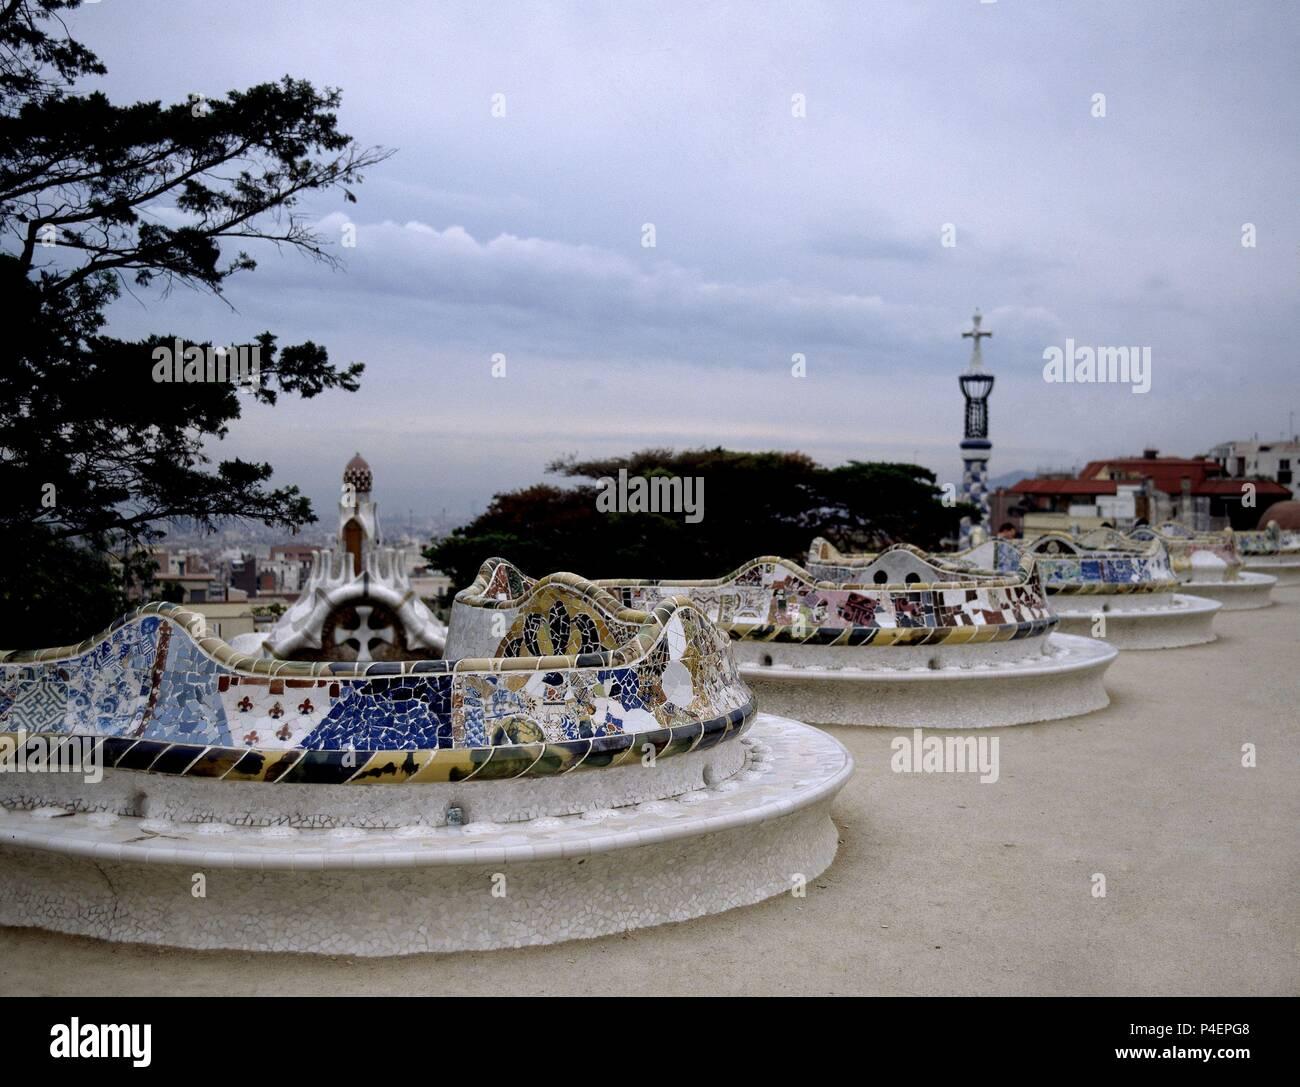 BANCO CORRIDO Y ONDULADO DEL PARQUE GÜELL recubierto de azulejos que bordea la explanada - 1900/1914. Autor: Antoni Gaudí (1852-1926). Ubicación: El Parque Güell, Barcelona, España. Imagen De Stock